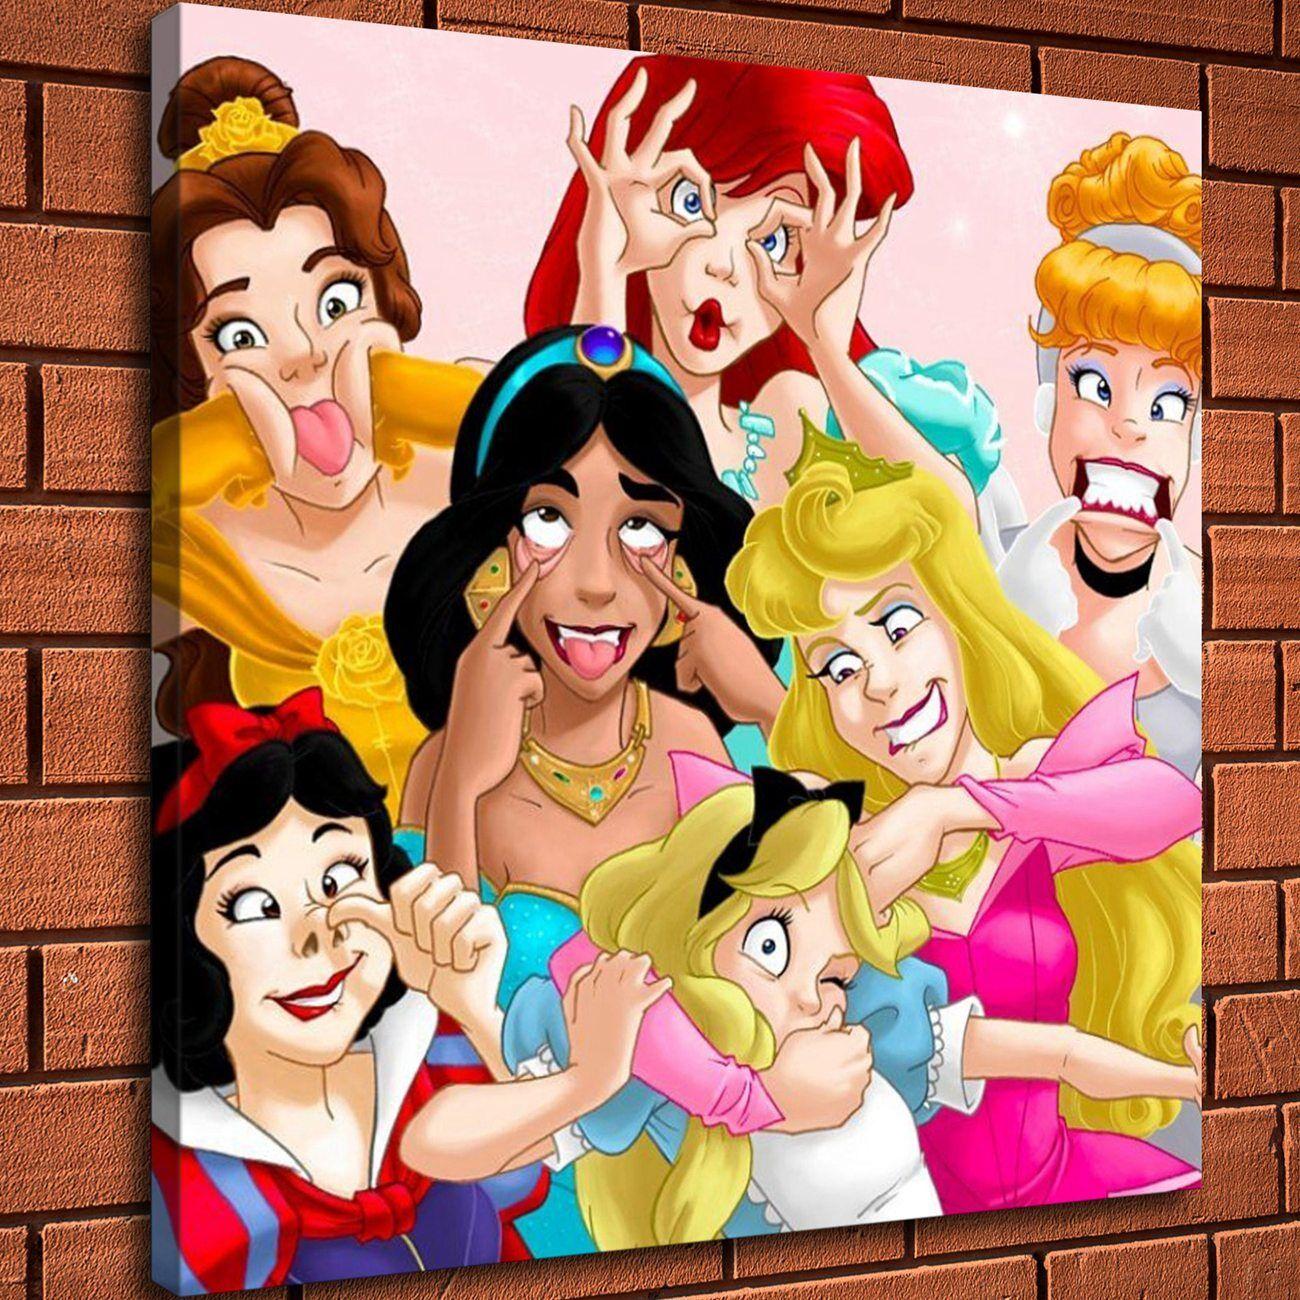 Картинки с принцессами из мультиков с надписями